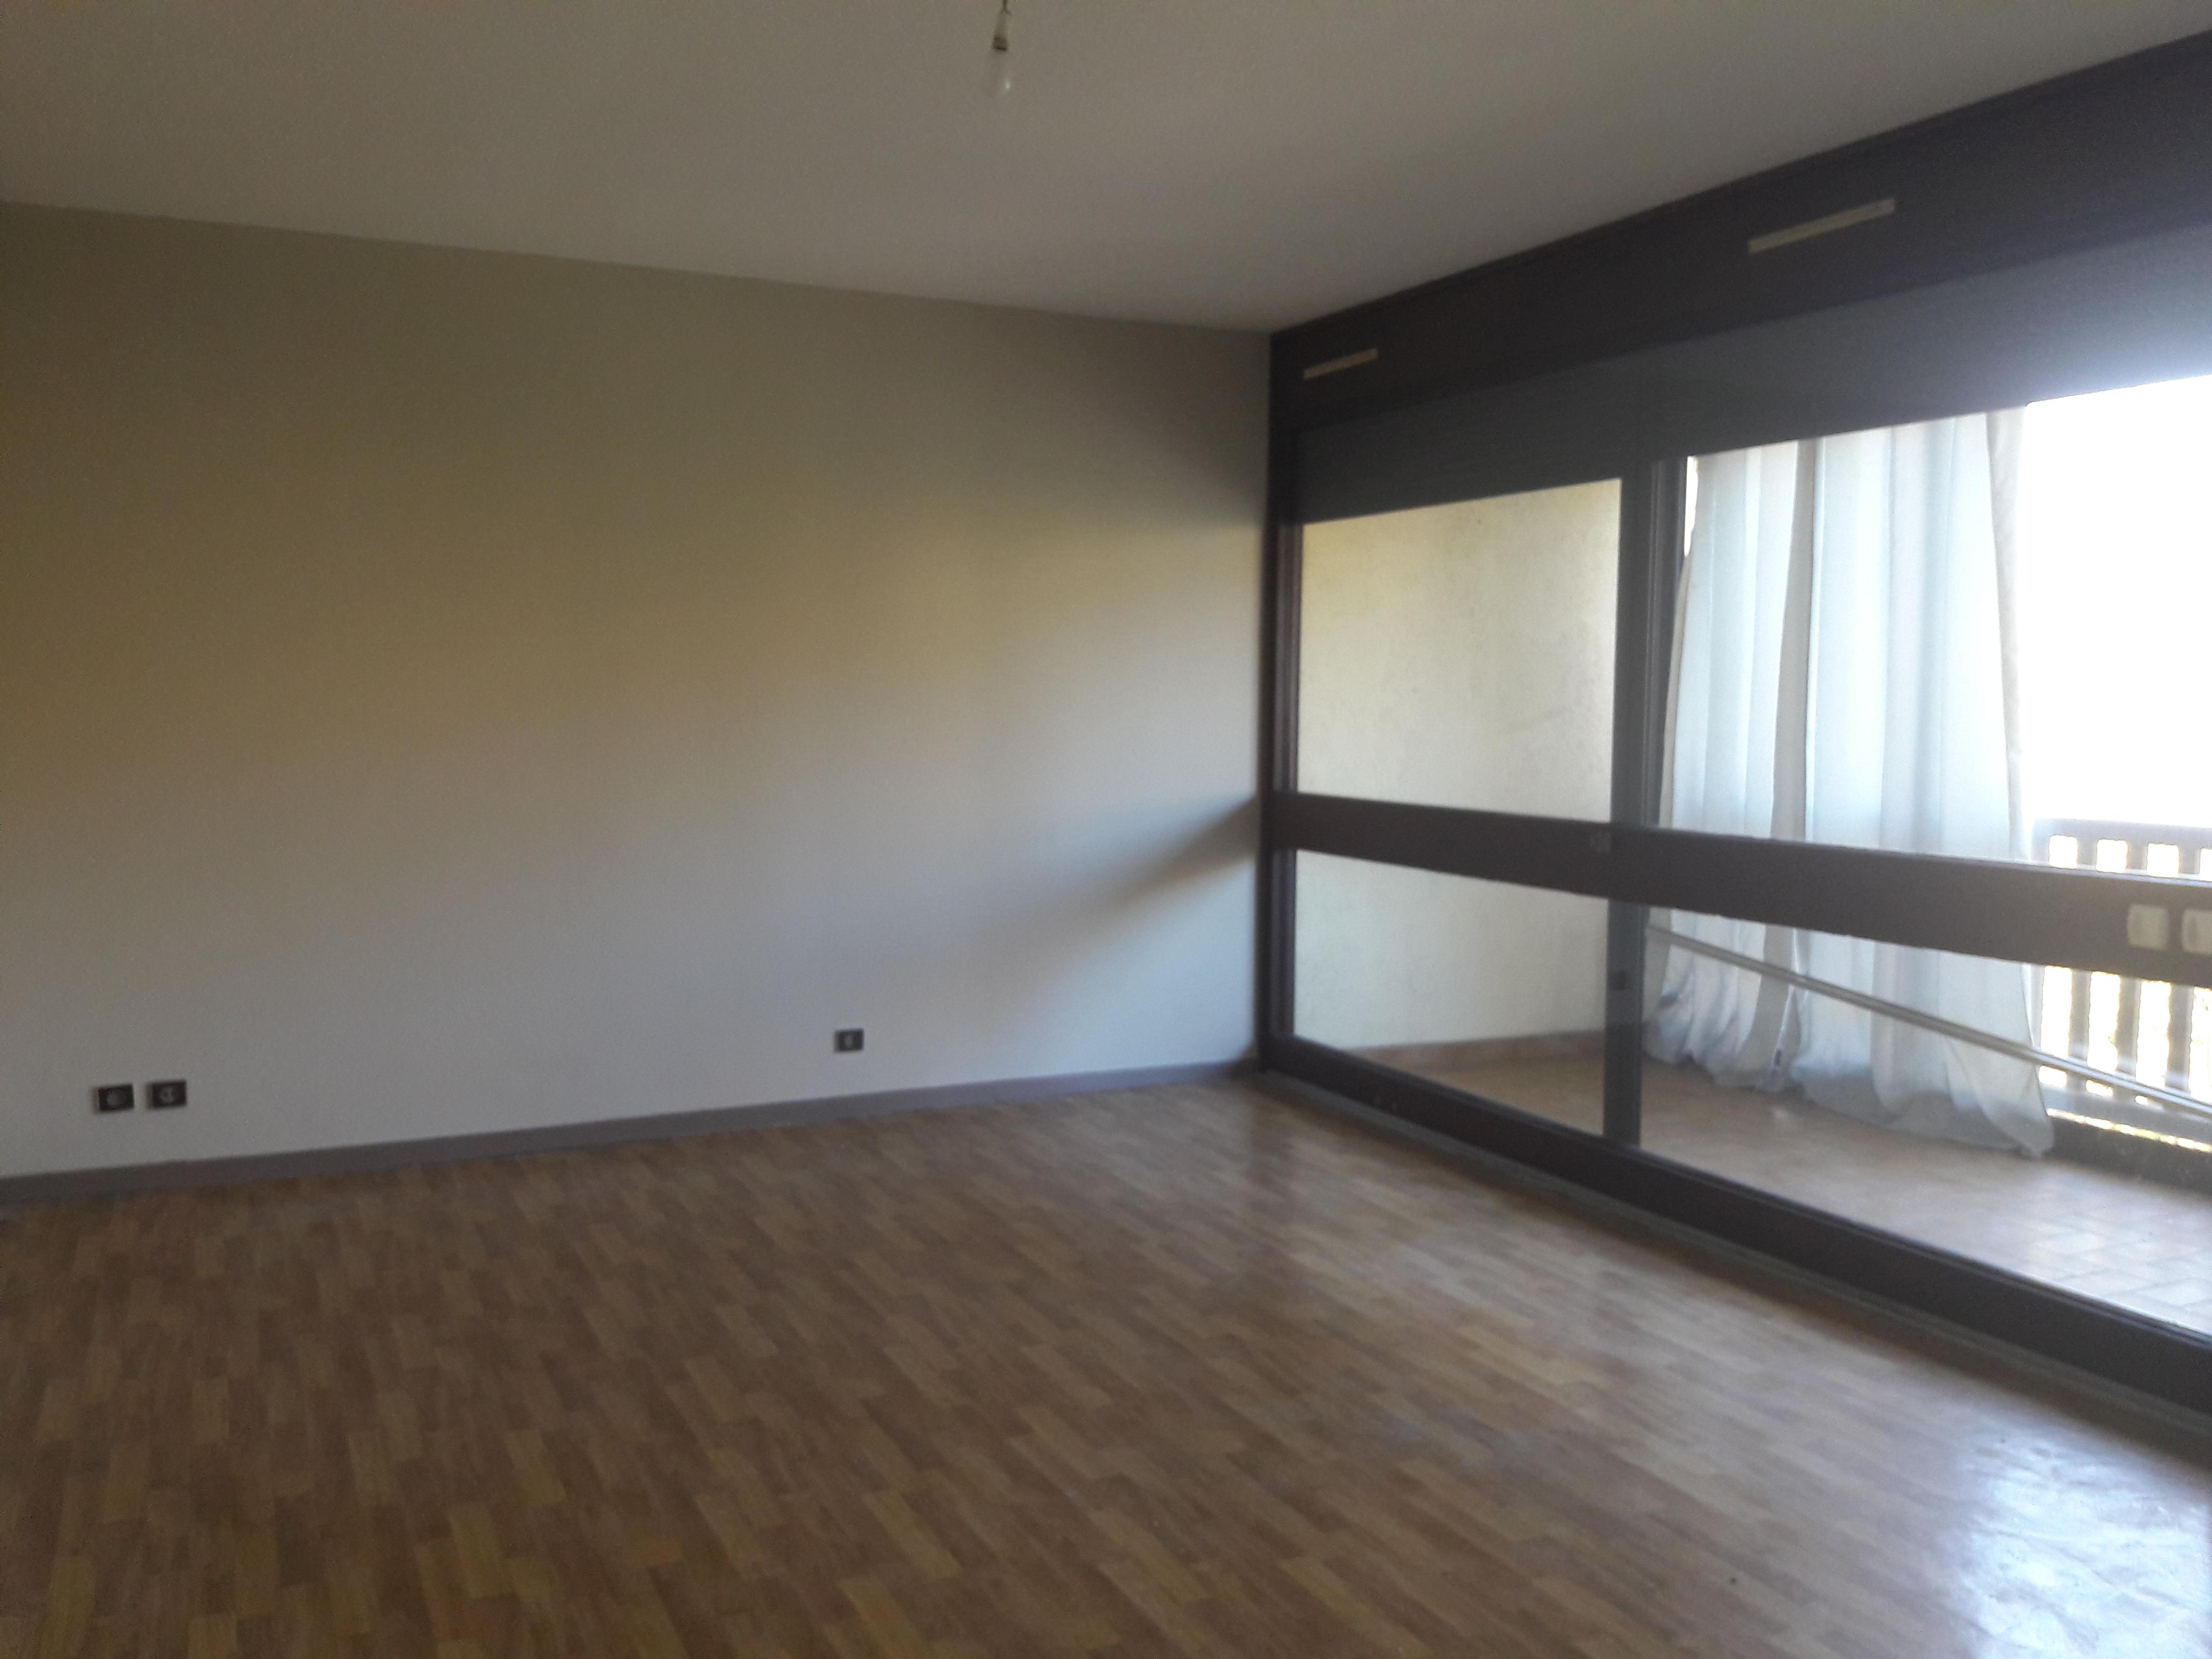 Appartement T2 avec balcon à louer en résidence à FIGEAC